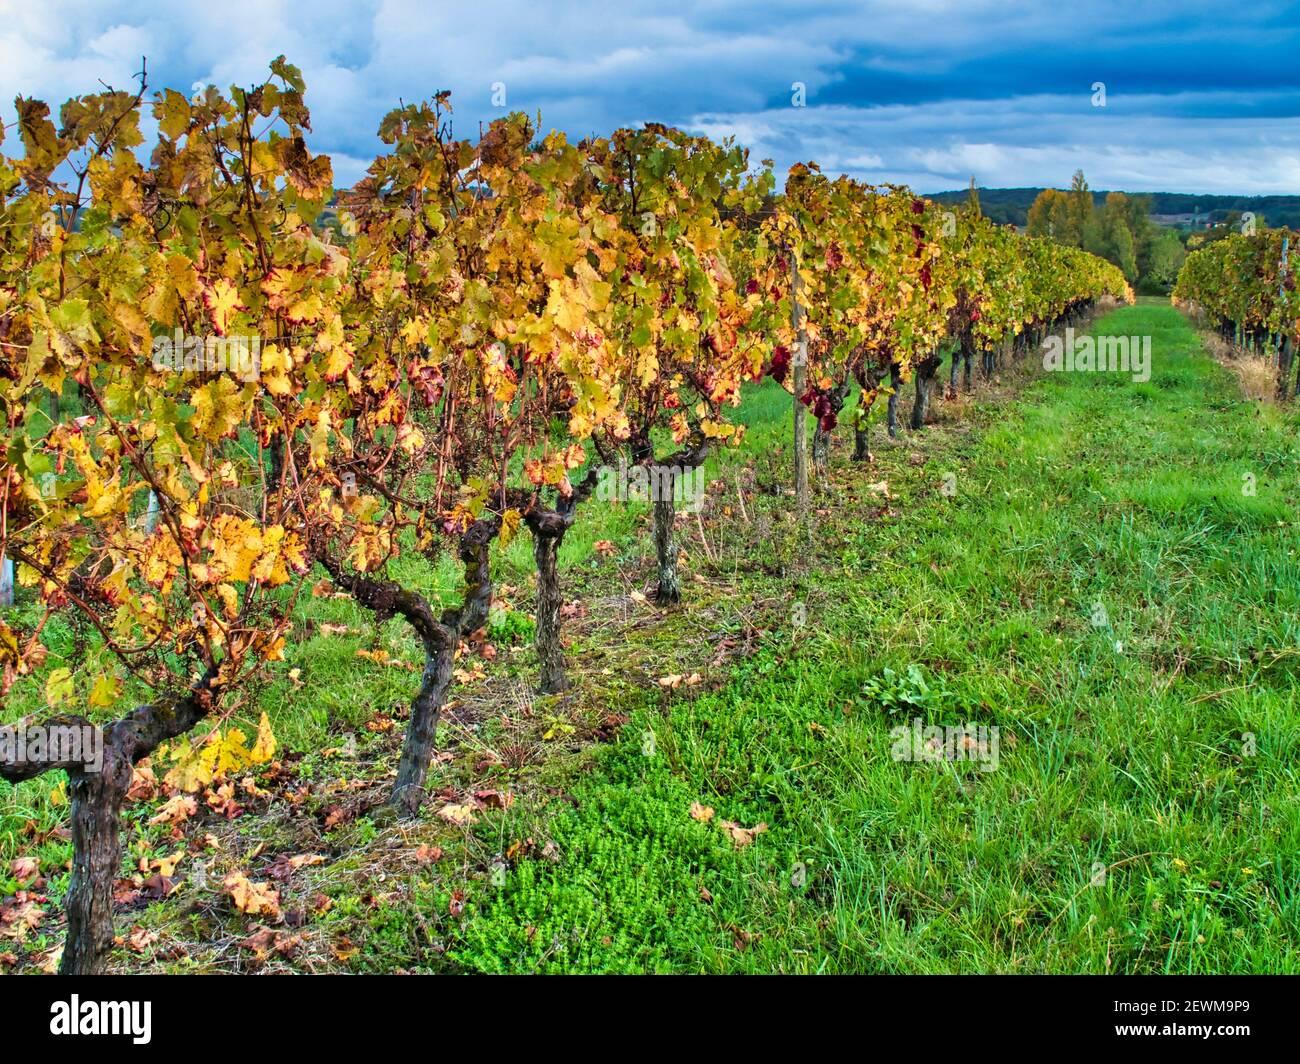 vineyards in autumn near Saint Julien dÕEymet, Dordogne Department, Nouvelle Aquitaine, France. Stock Photo